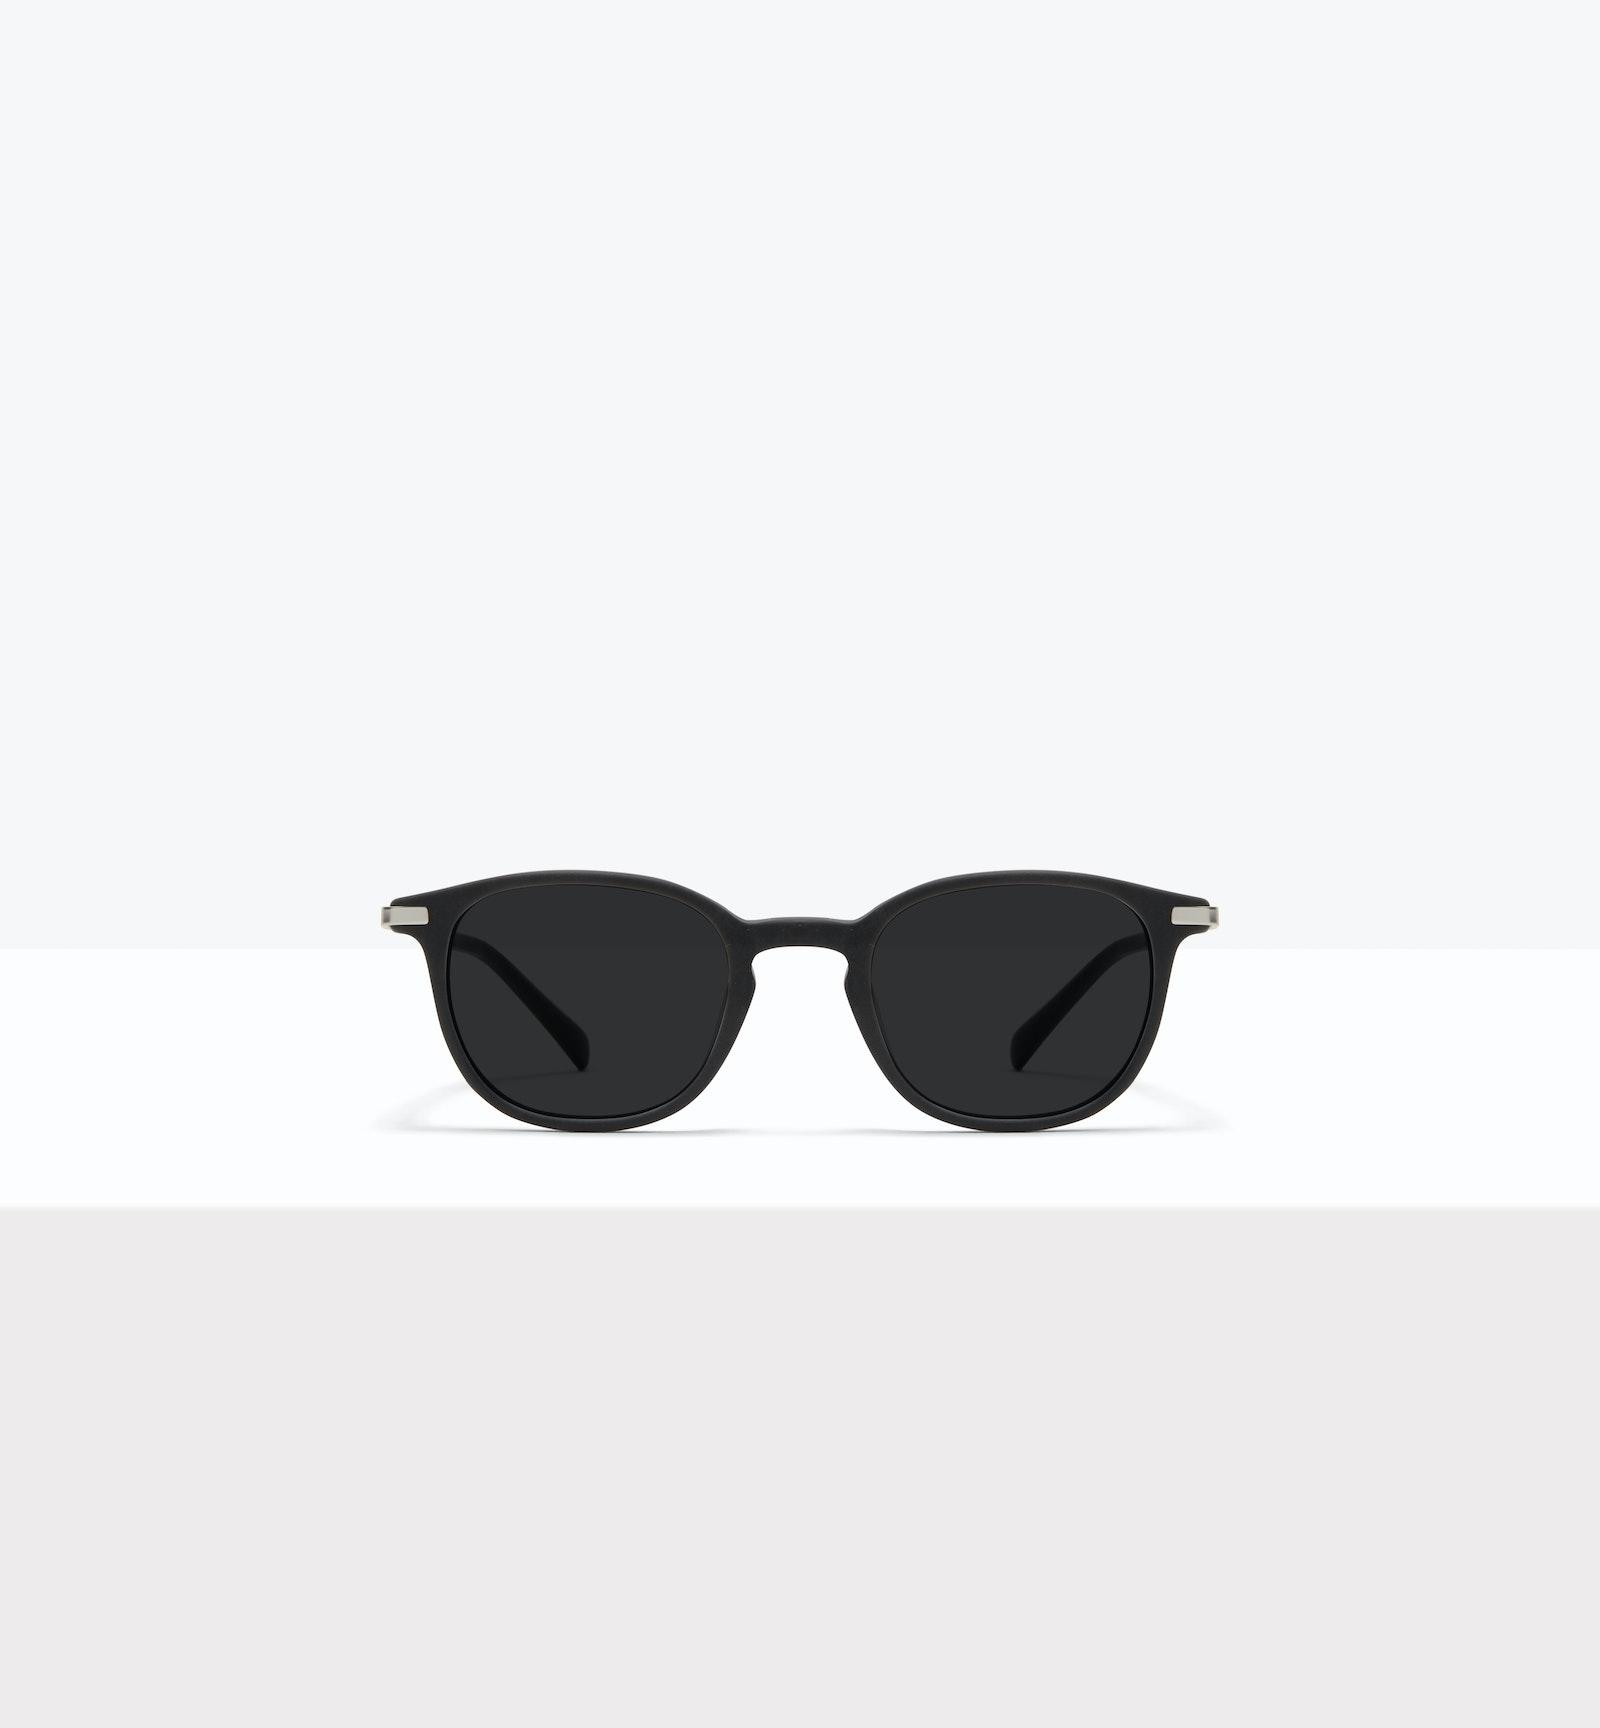 Lunettes tendance Ronde Lunettes de soleil Hommes Tux M Matte Black